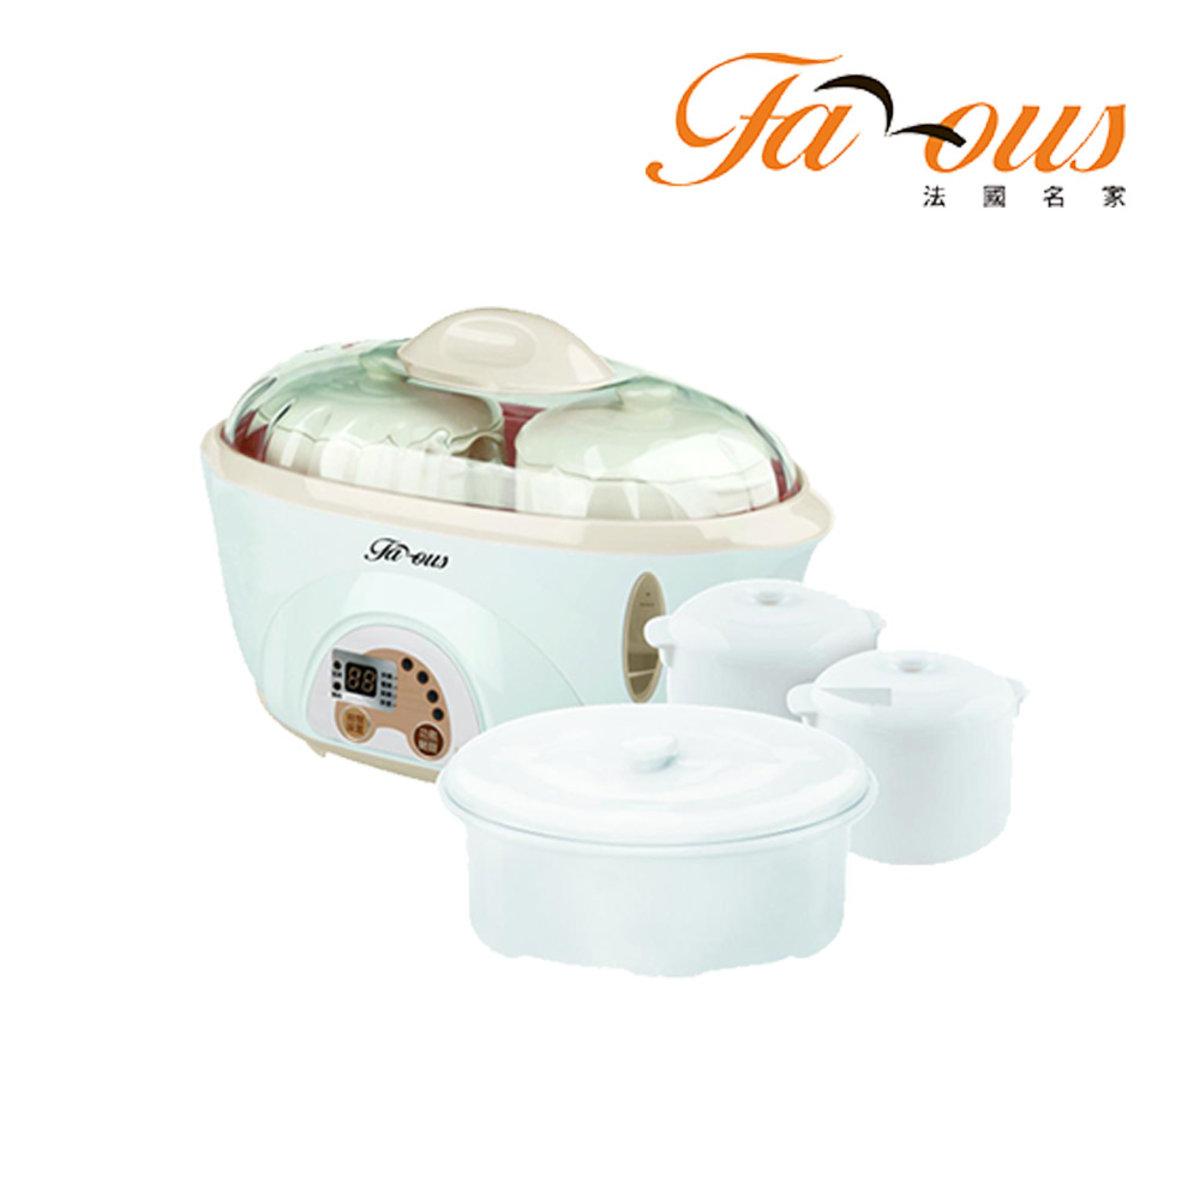 Electric Stew Pot - DYG-16B